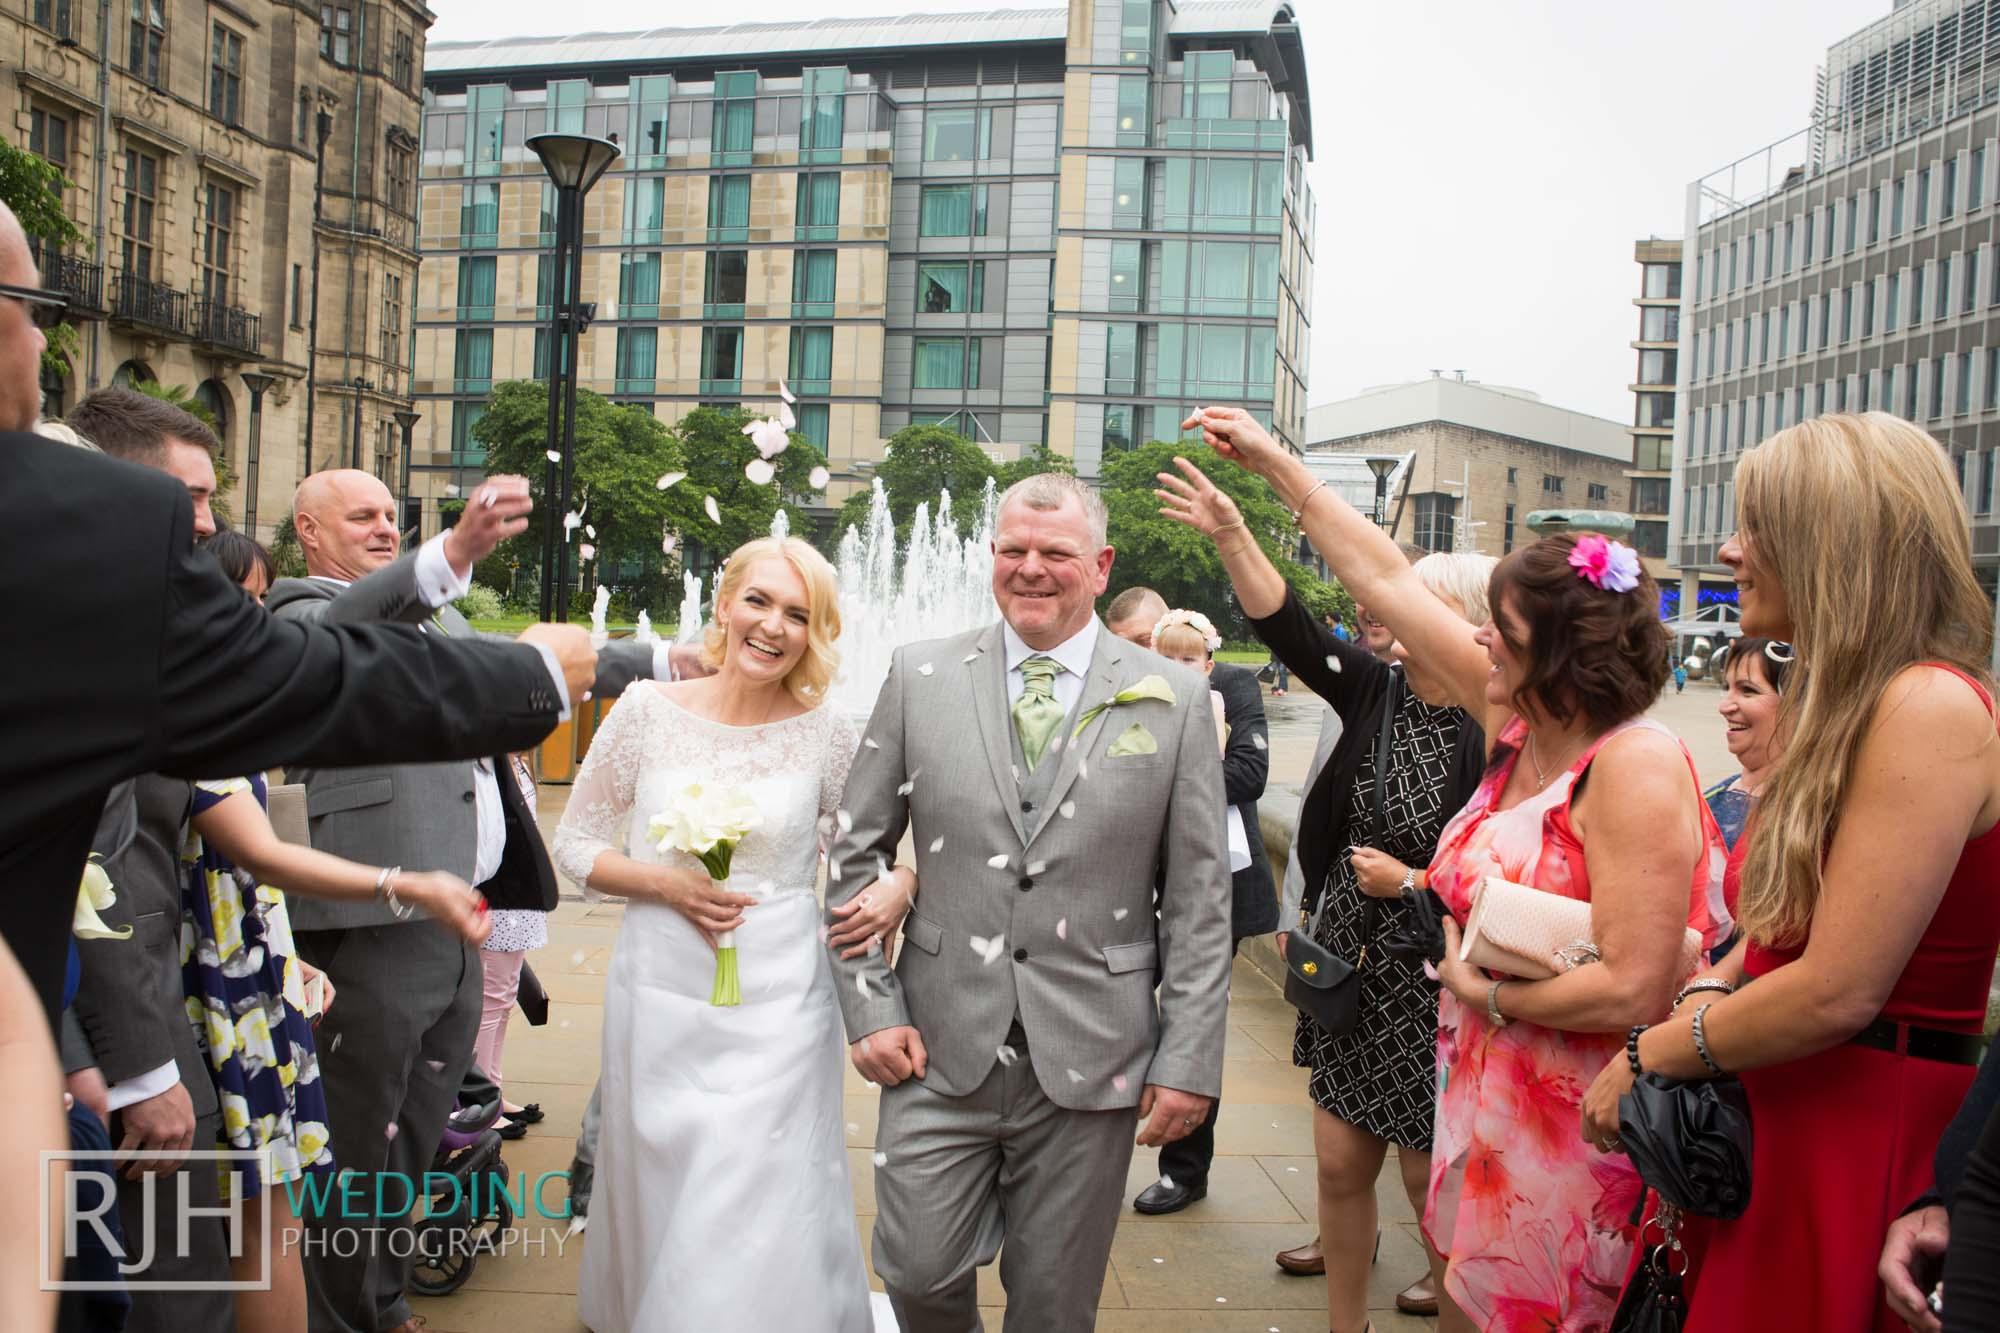 Sheffield City Hall_Ellis Wedding_313_3C2A3709.jpg